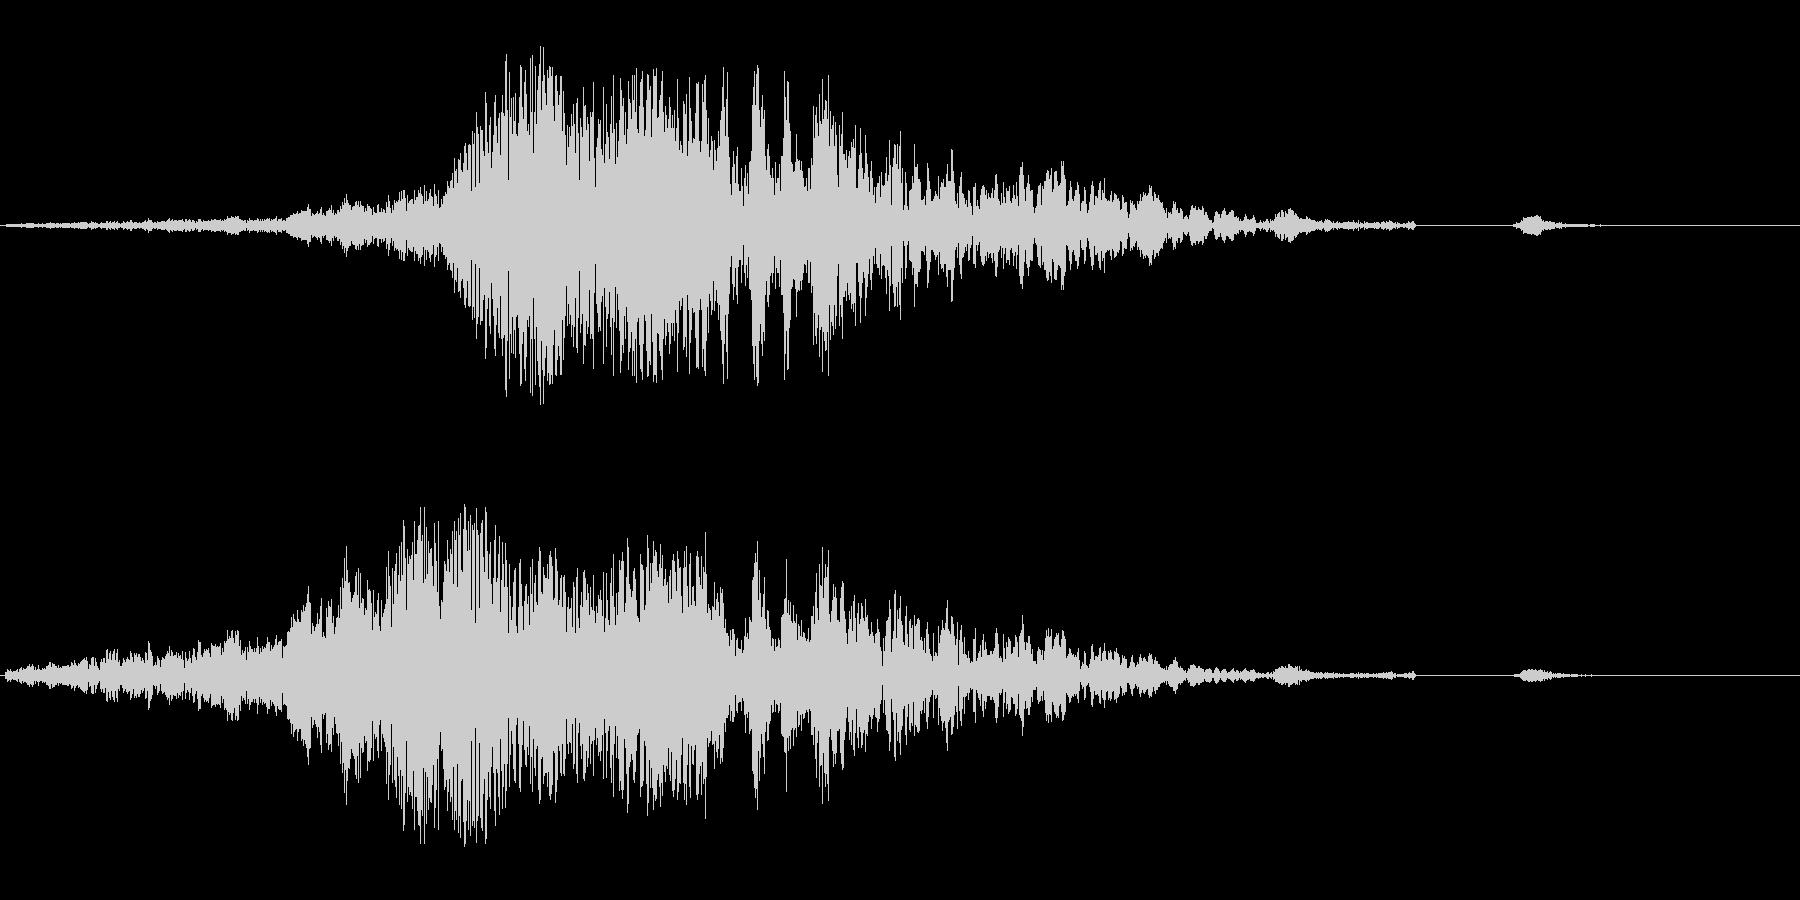 ヒューシュワワン(回転音)の未再生の波形